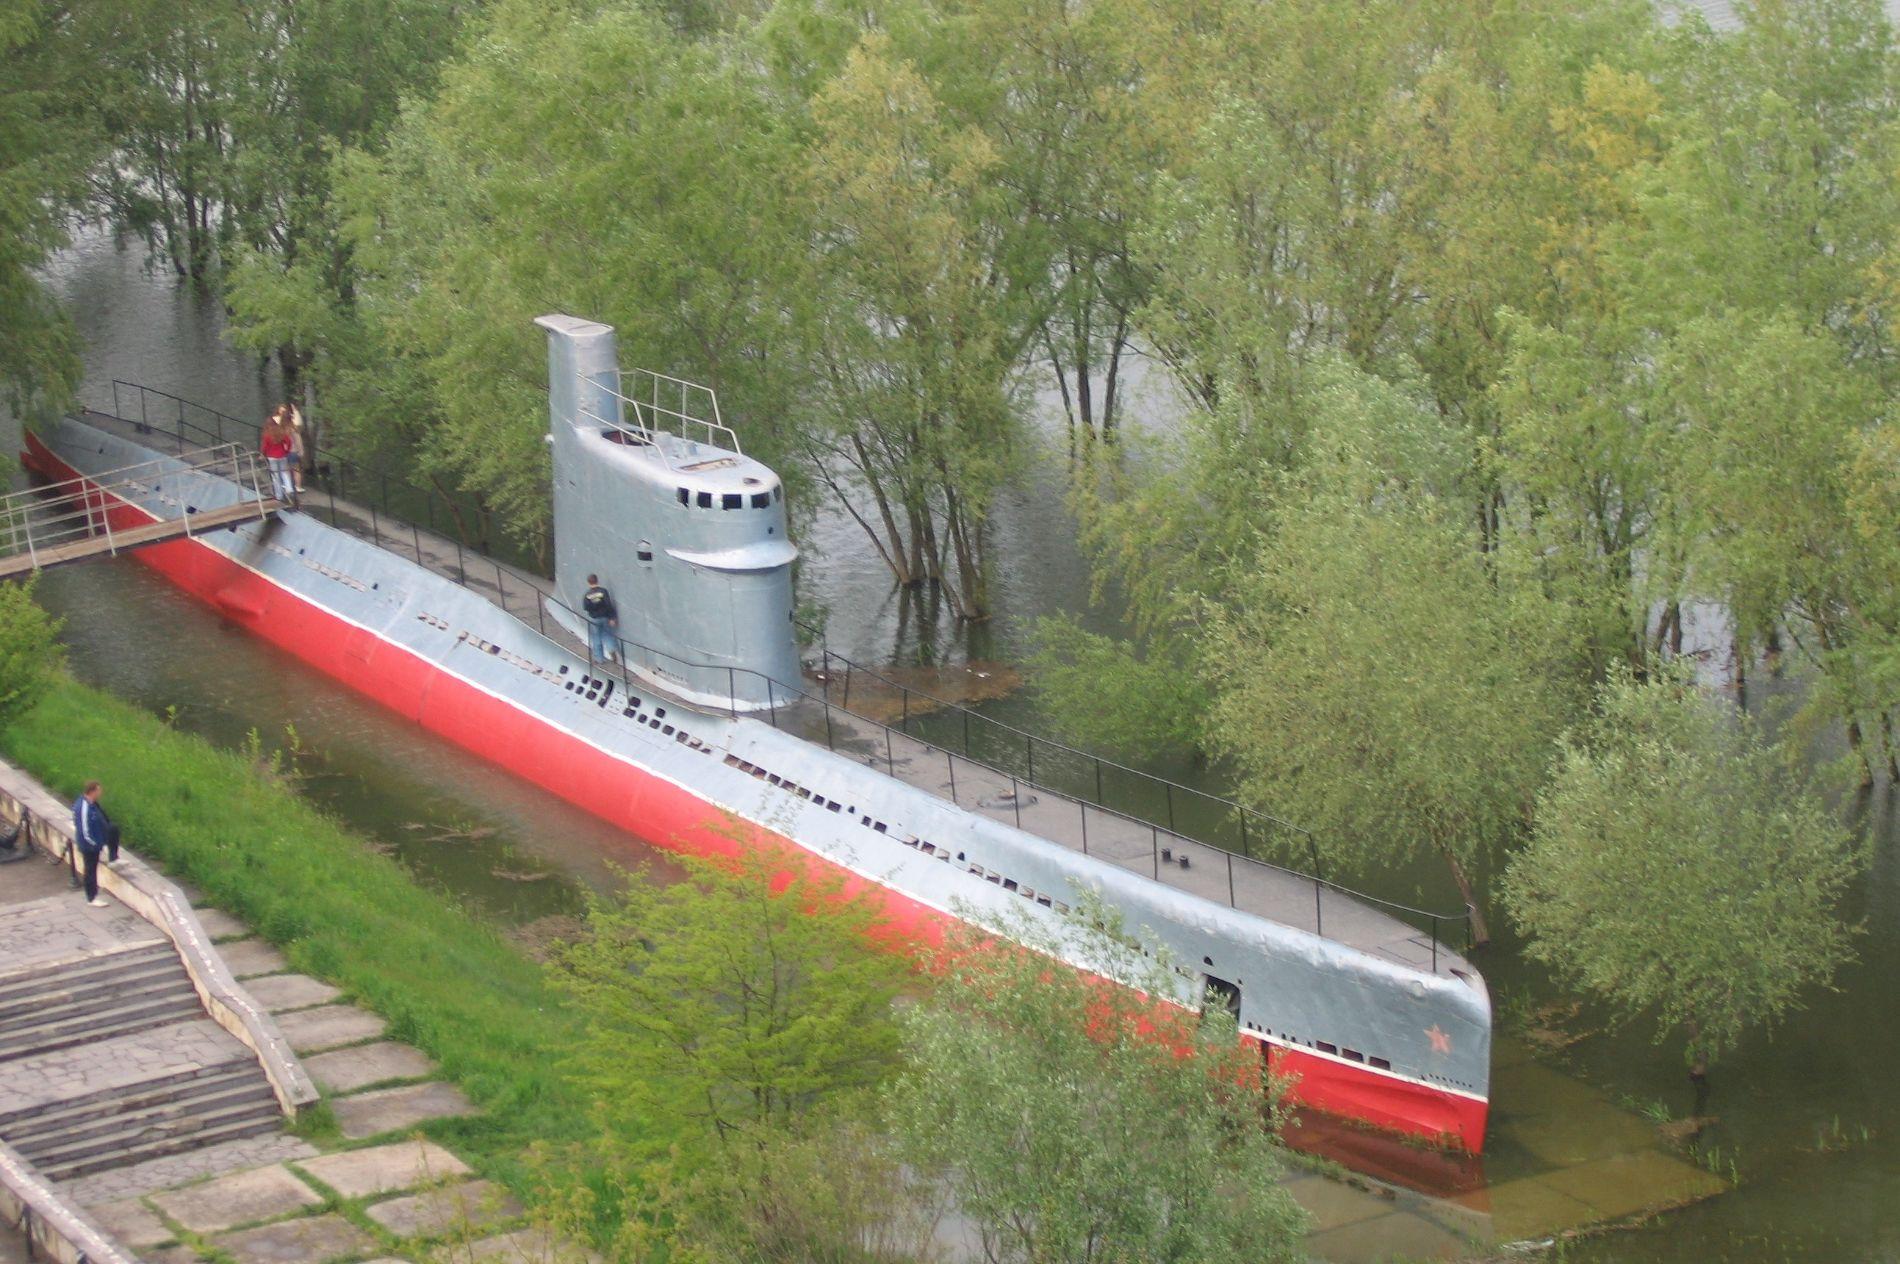 Подводная лодка М-261 на Затоне, 2005 год ©Фото с сайта forums.airbase.ru